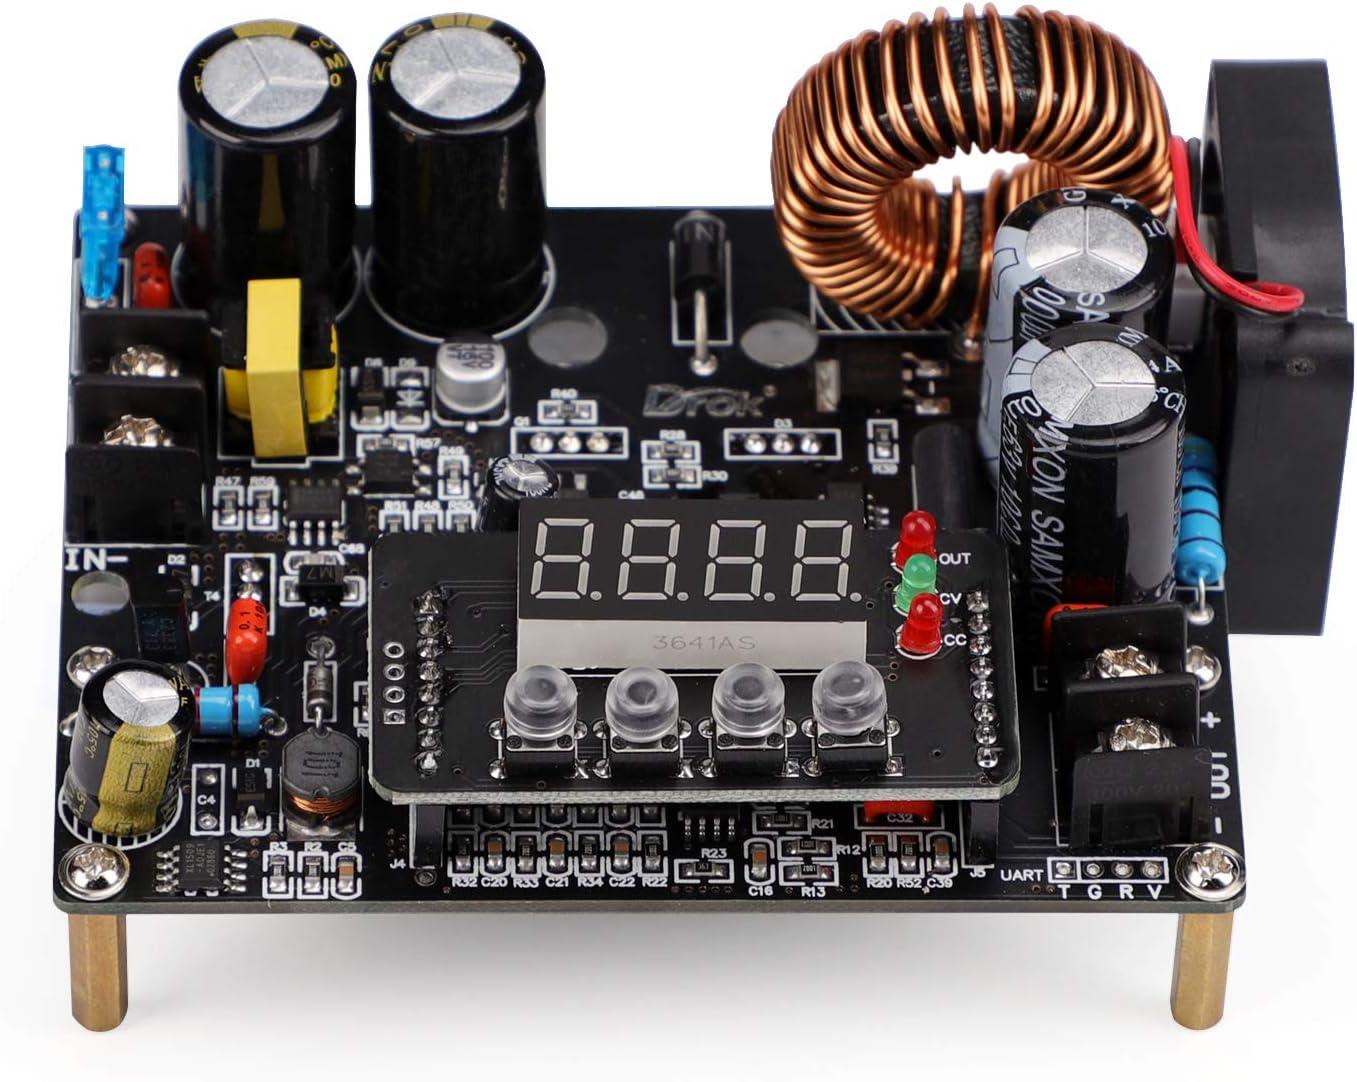 DC Buck Converter, DROK DC to DC Step Down Power Supply Module 10V-65V to 0-60V 0-12A Adjustable Voltage Regulator Transformer Board with LED Display for Volt Reducer